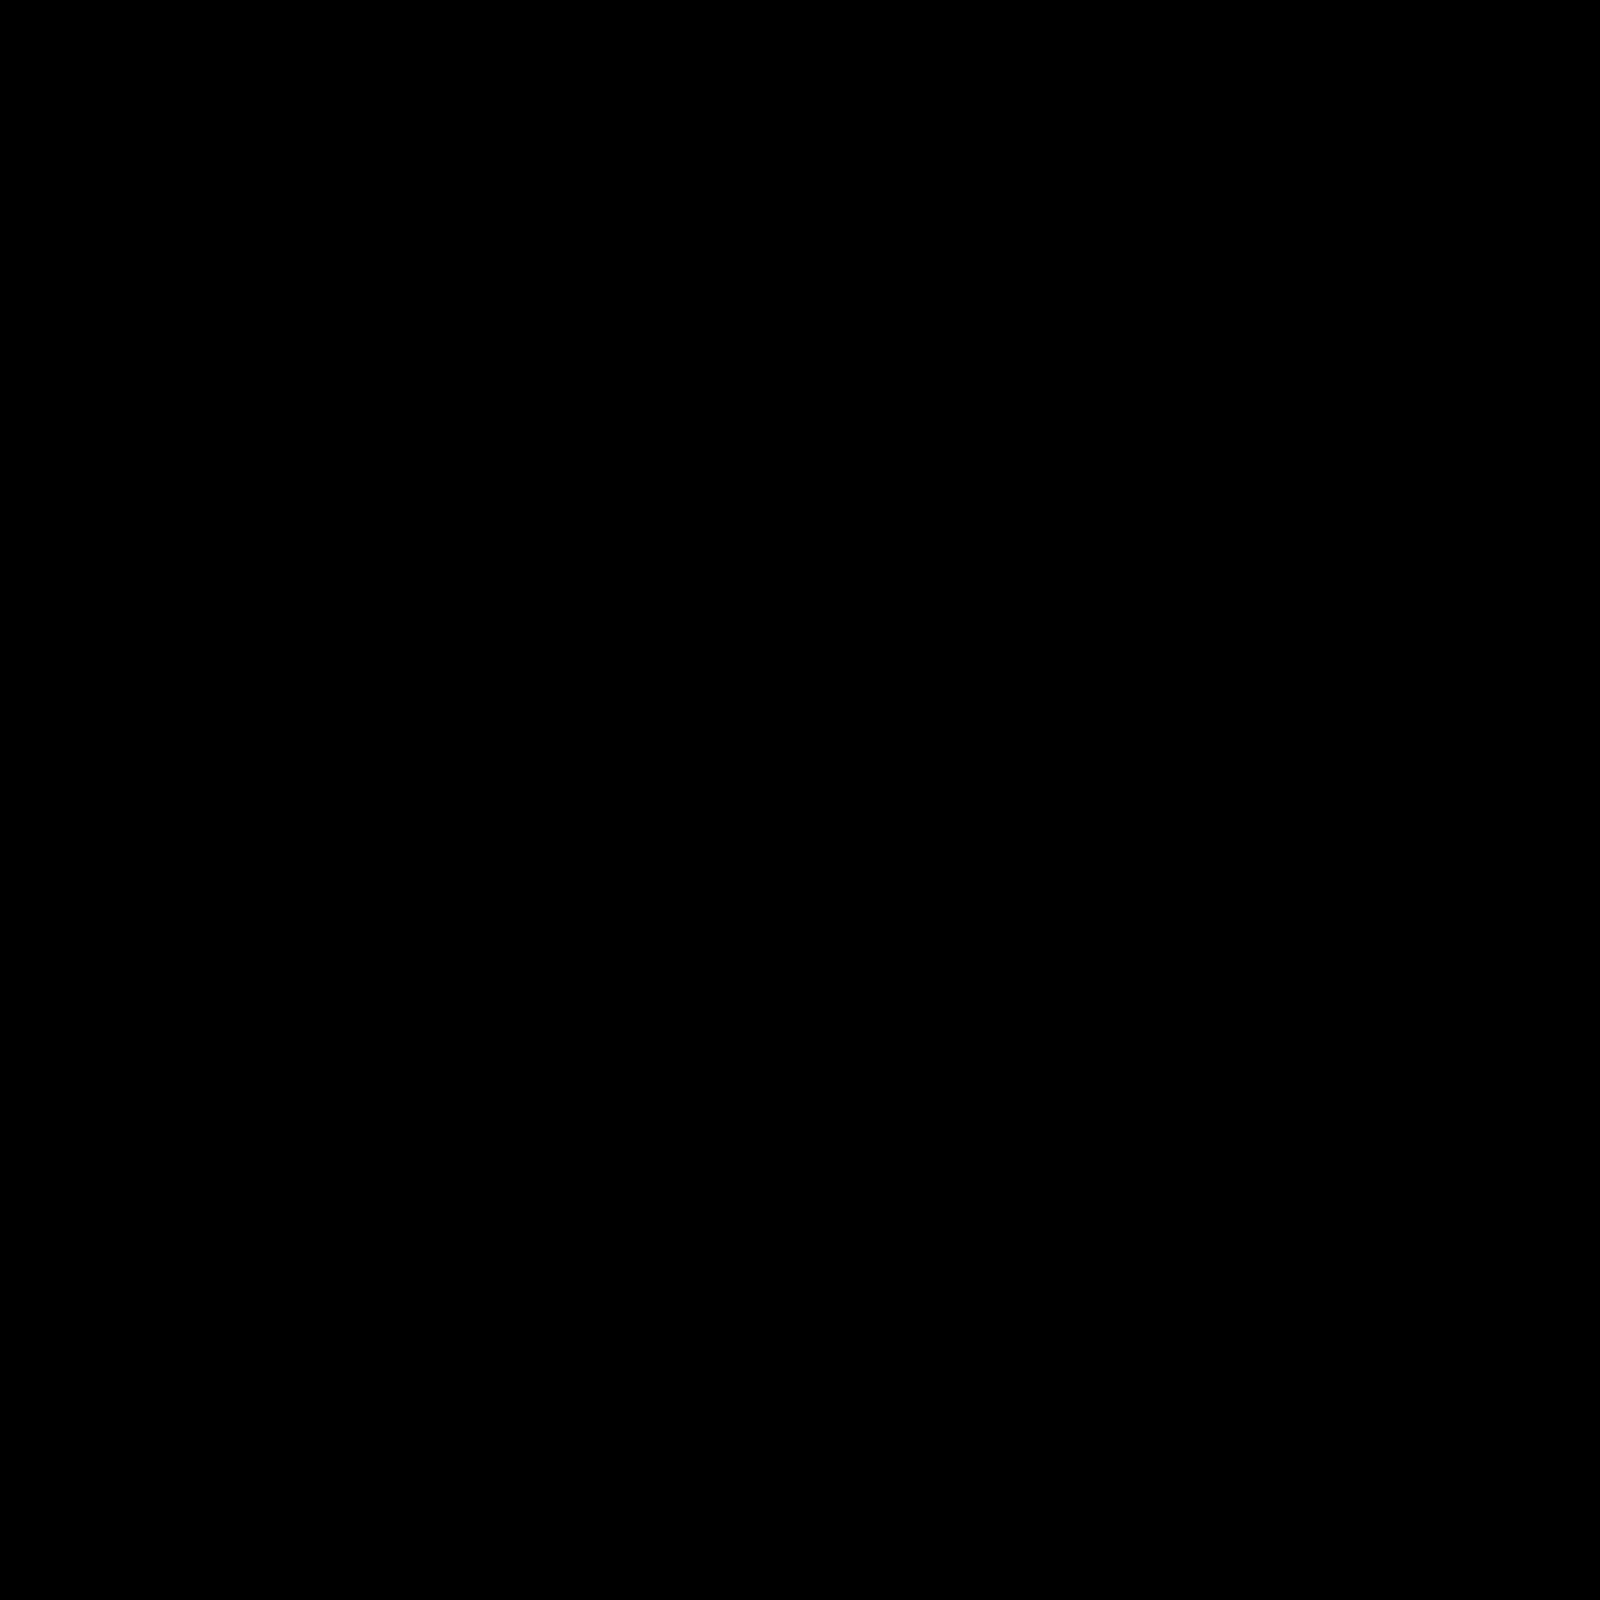 Ящик для инструментов icon